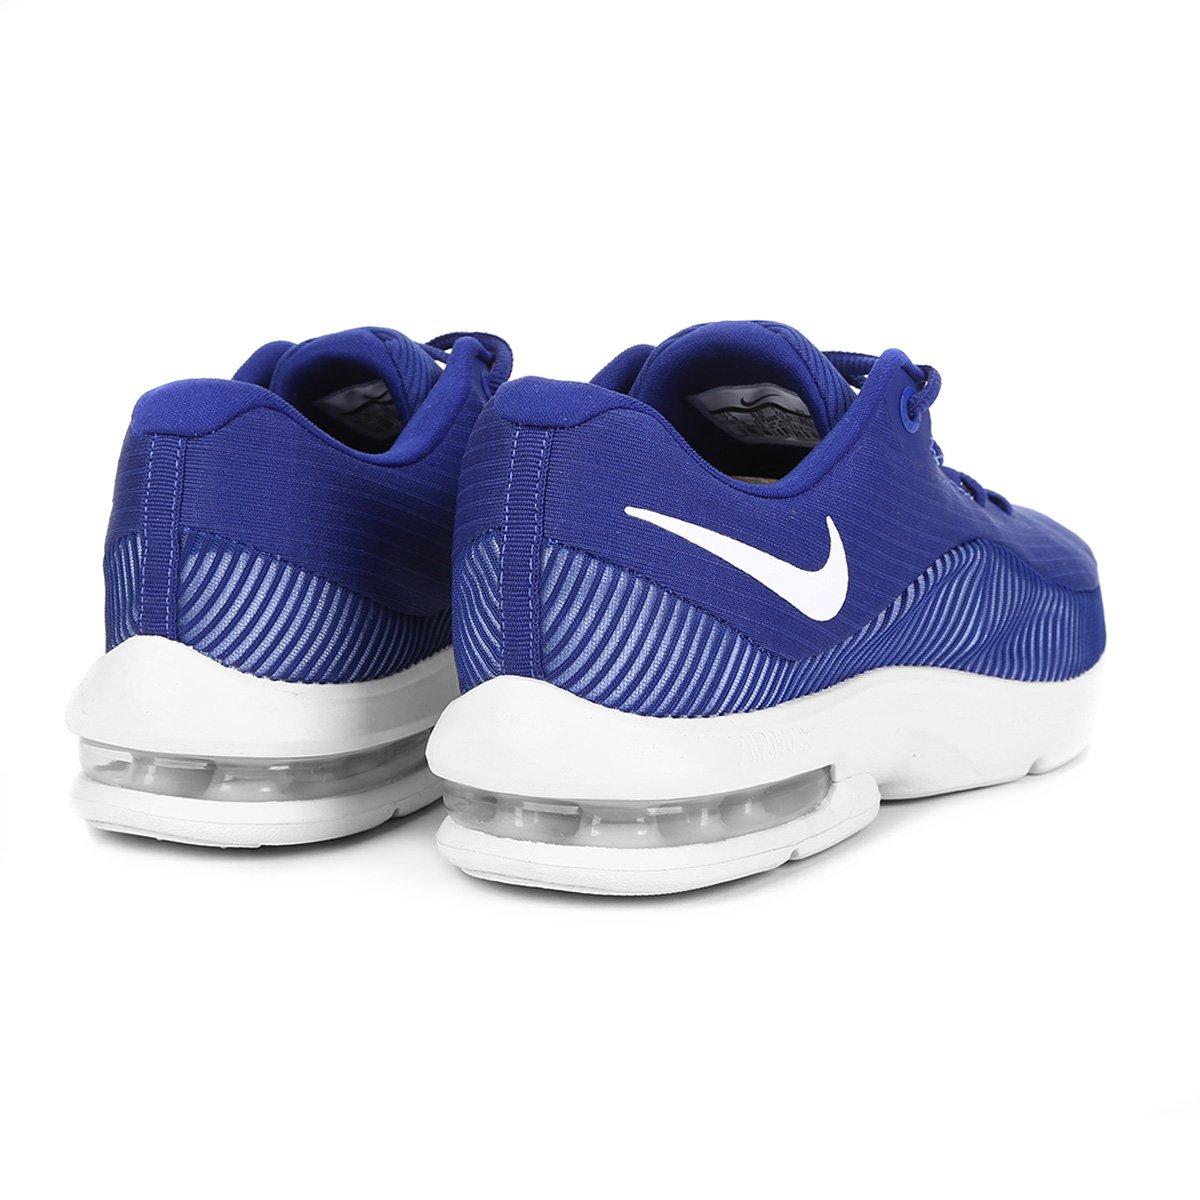 4d09f3226f Tênis Nike Air Max Advantage 2 Masculino